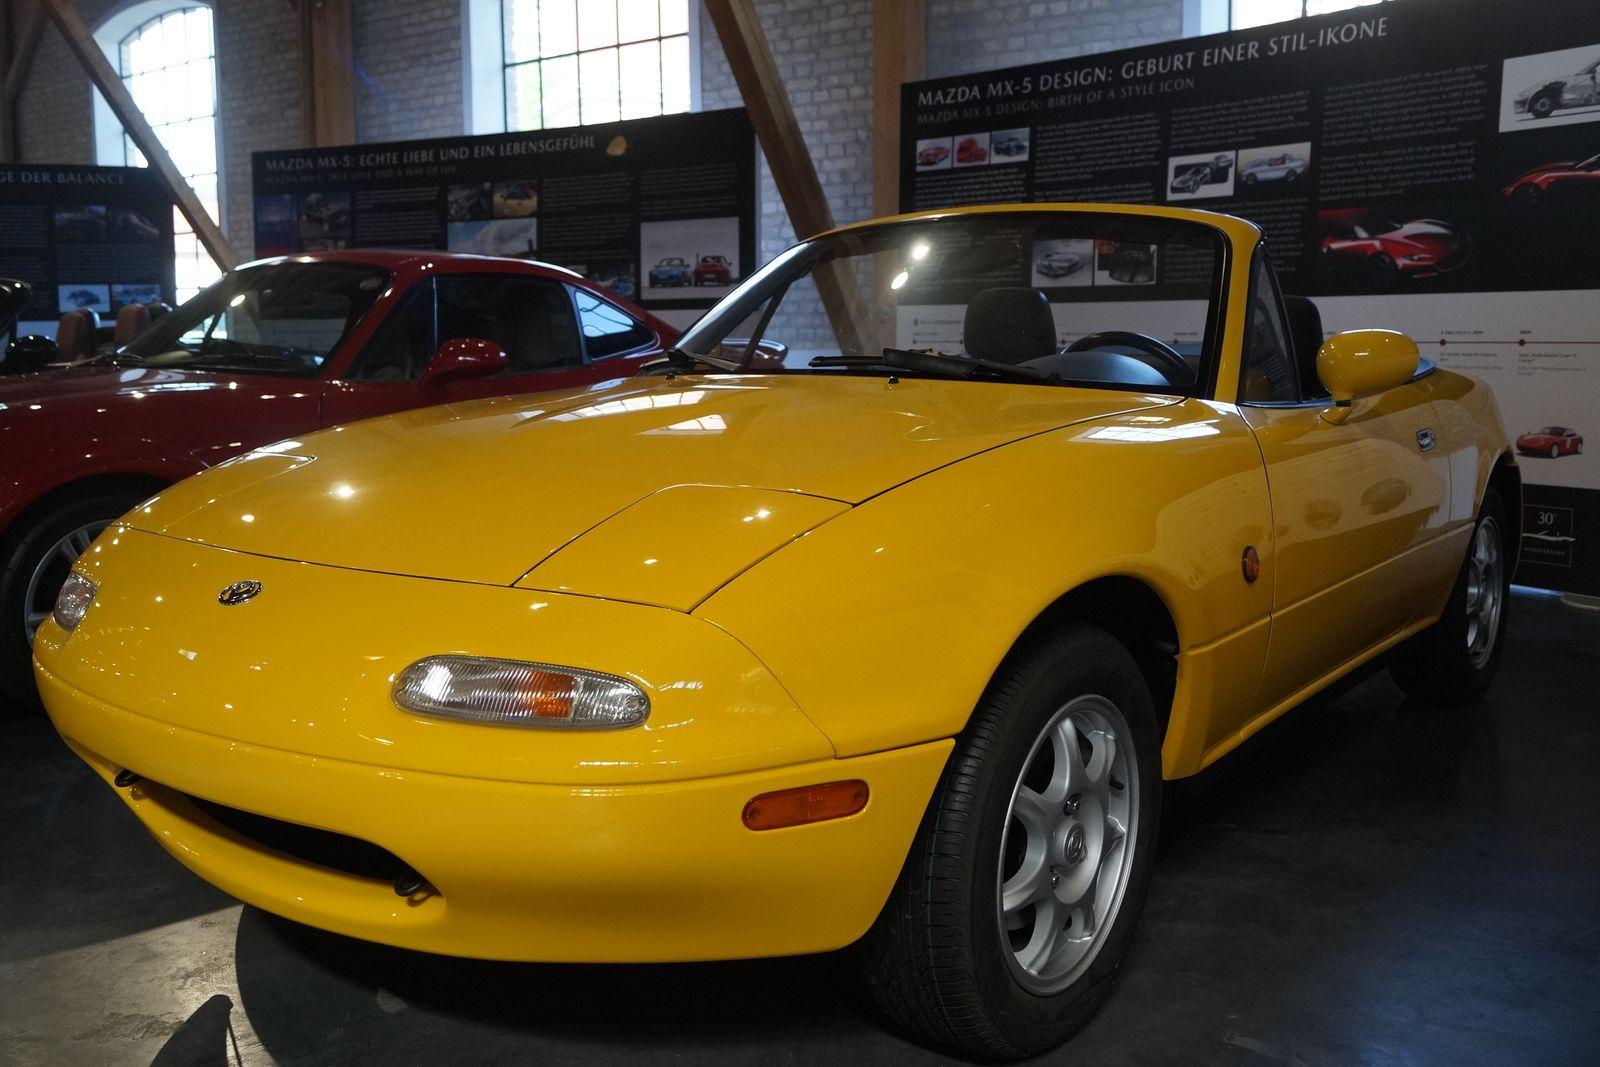 100 Jahre Mazda - MX 5